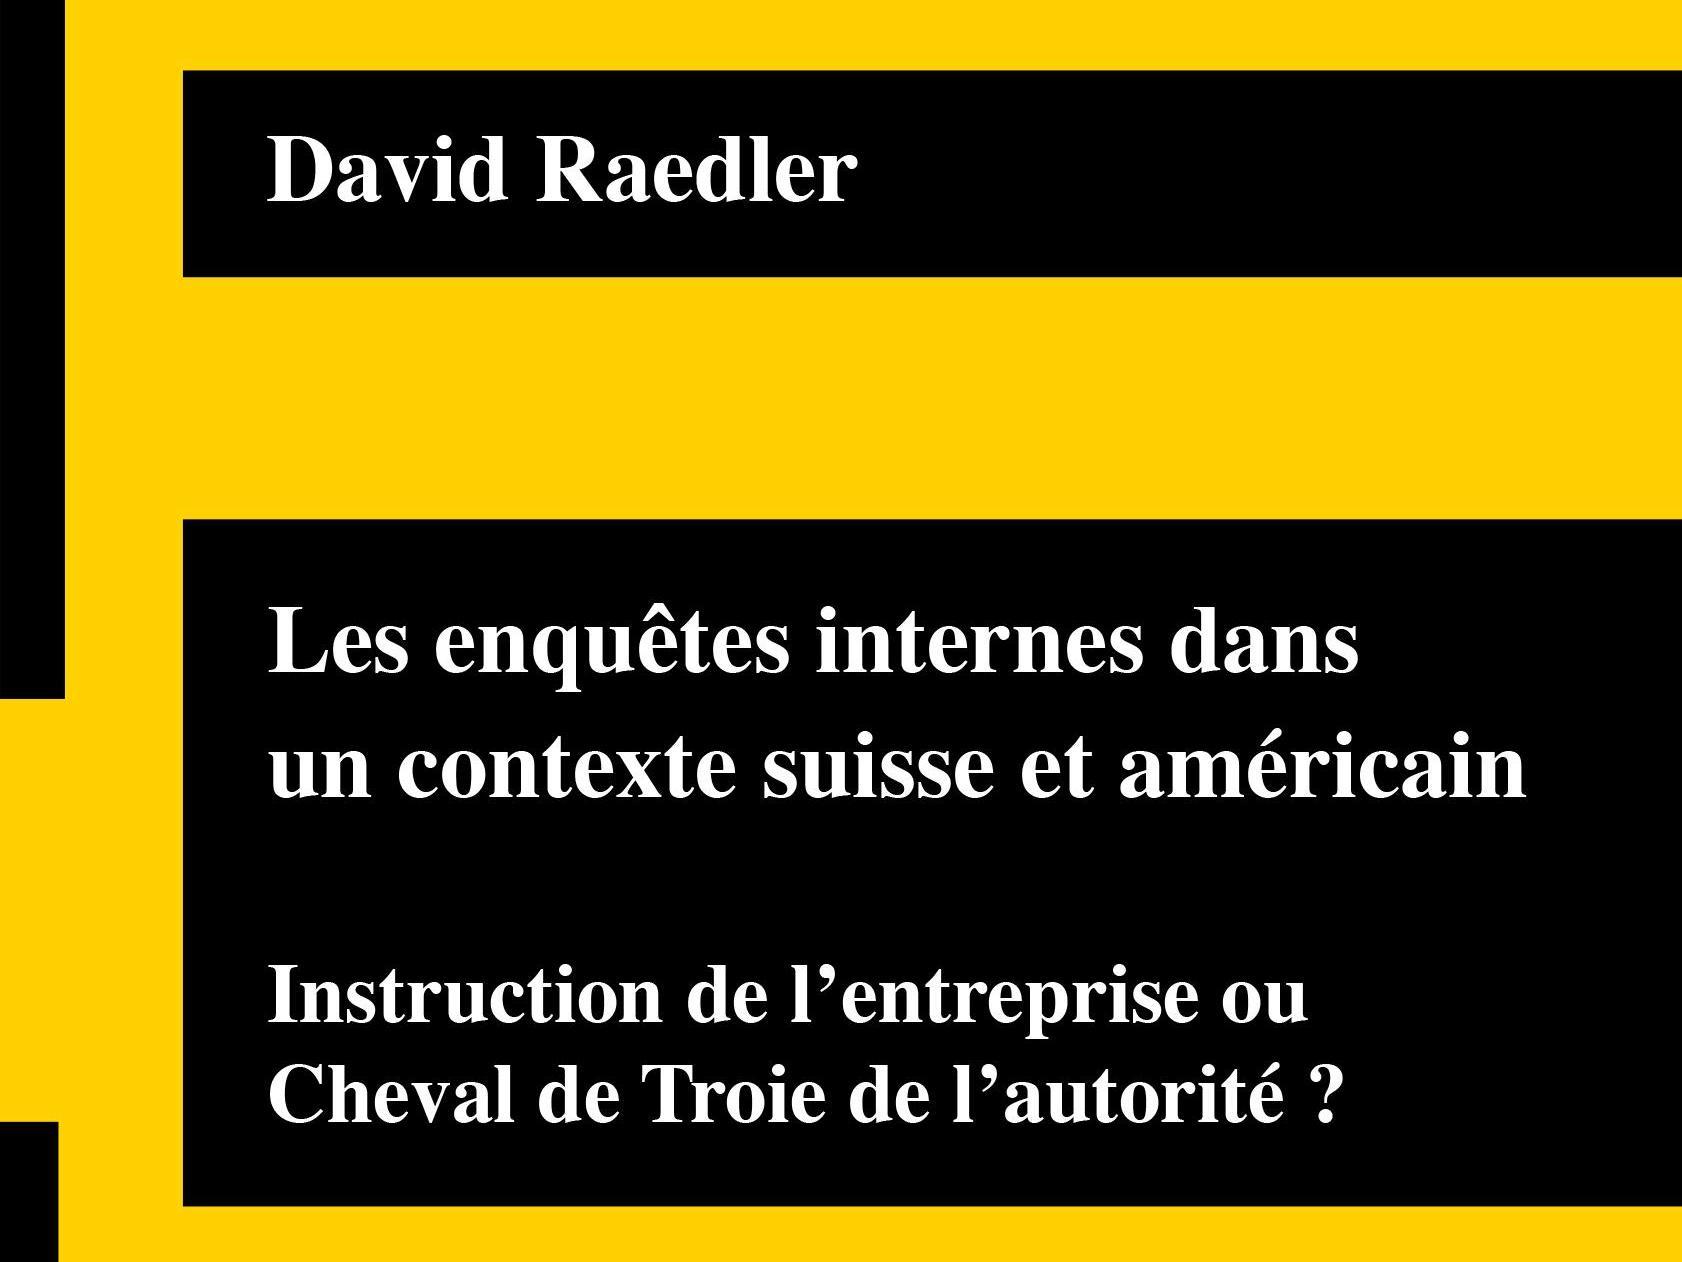 Publication │Les enquêtes internes dans un contexte suisse et américain